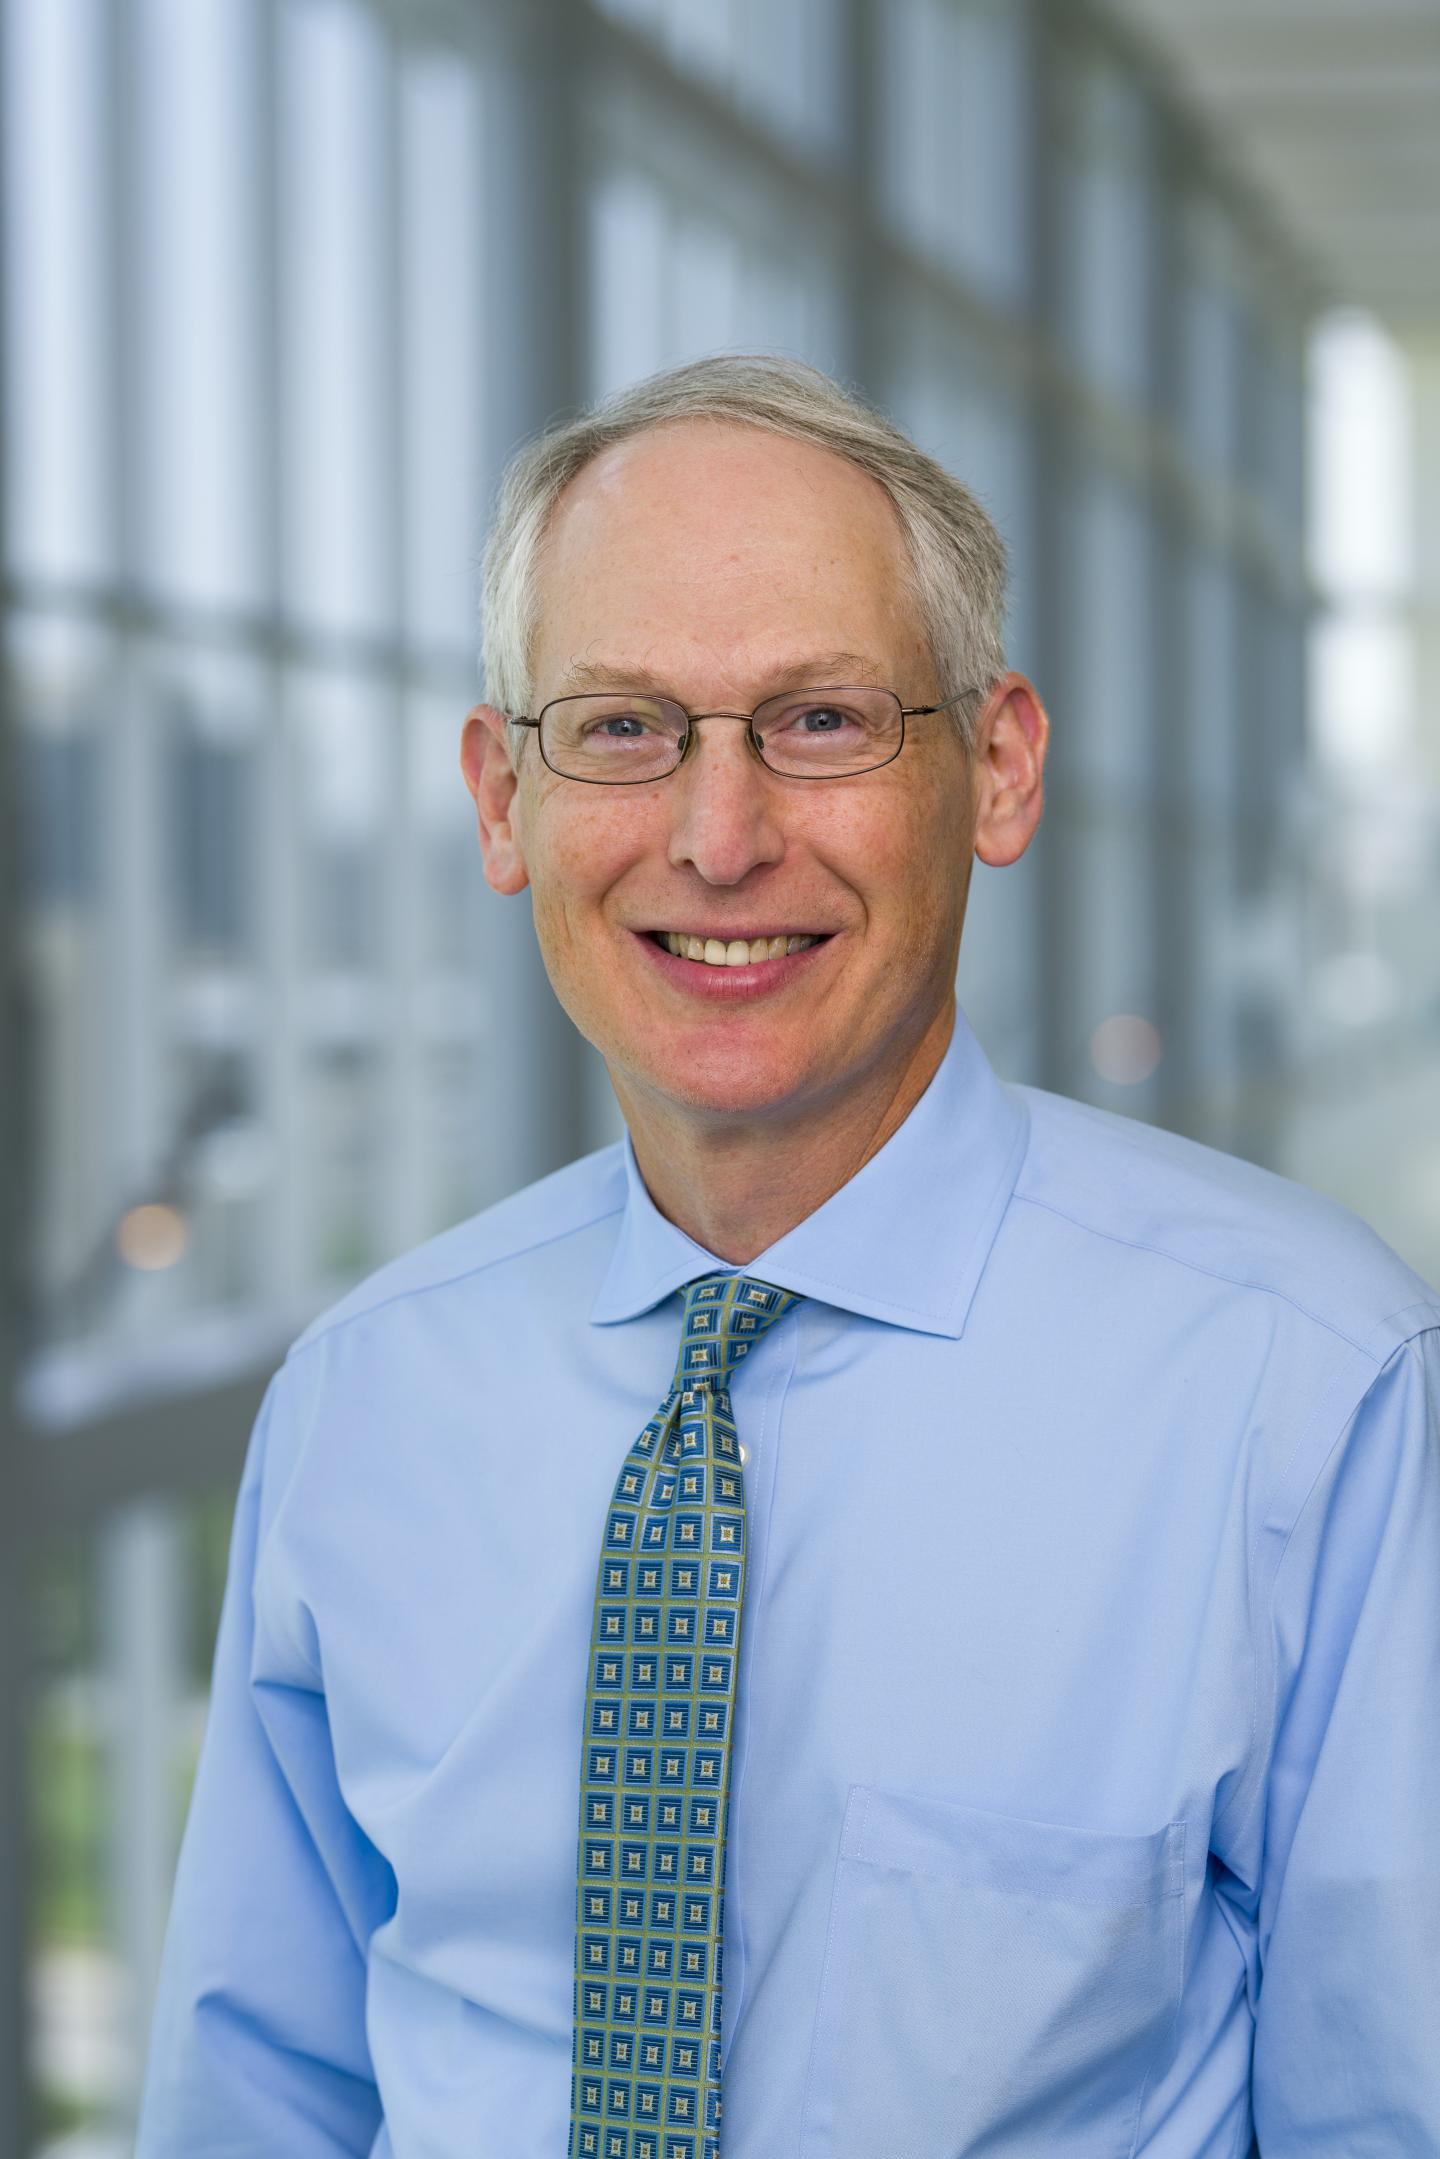 Mark Drazner, MD, UT Southwestern Medical Center